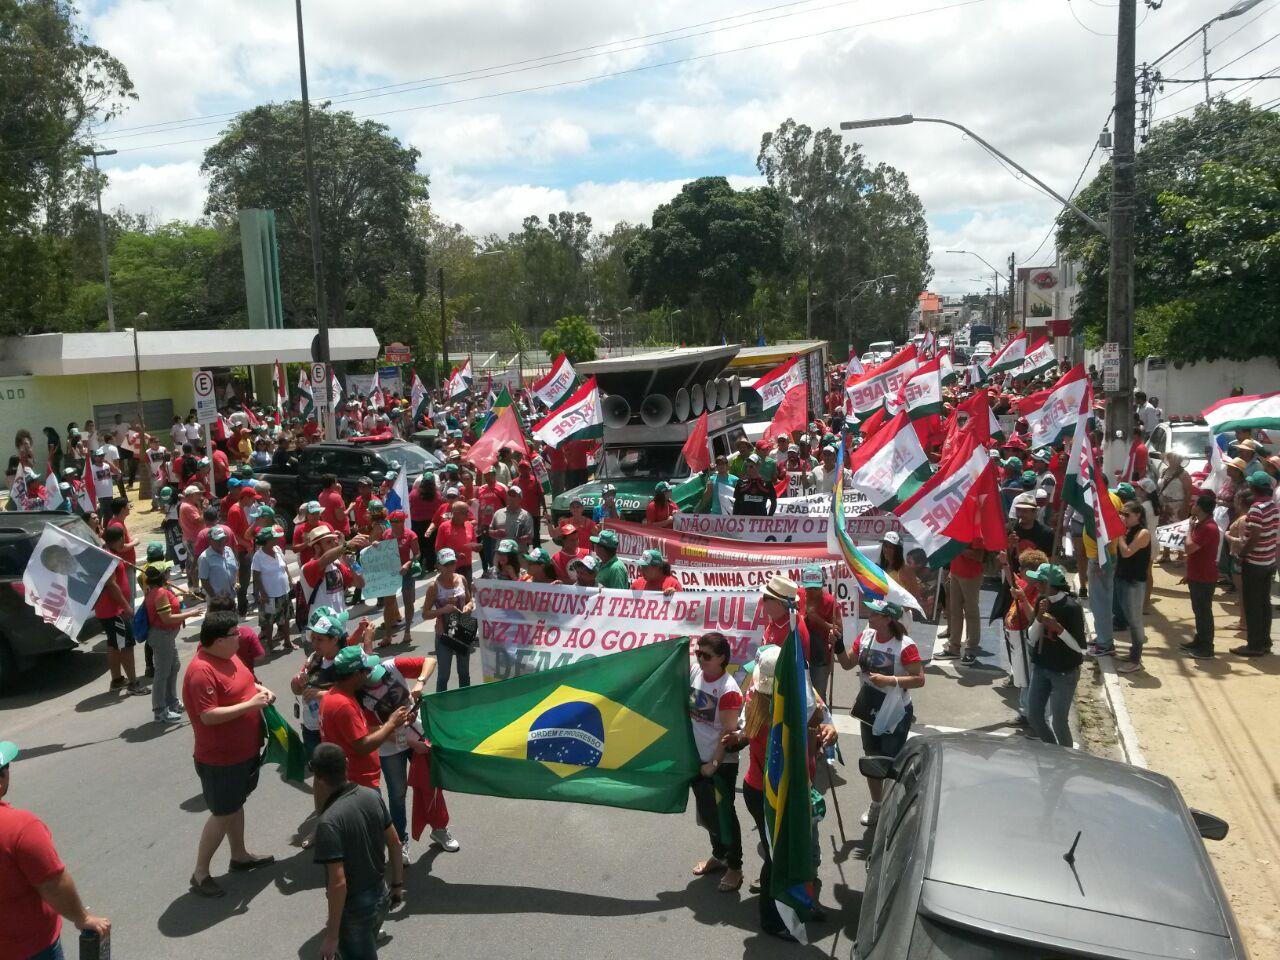 Em Garanhuns, a população lotou as ruas em defesa da democracia.